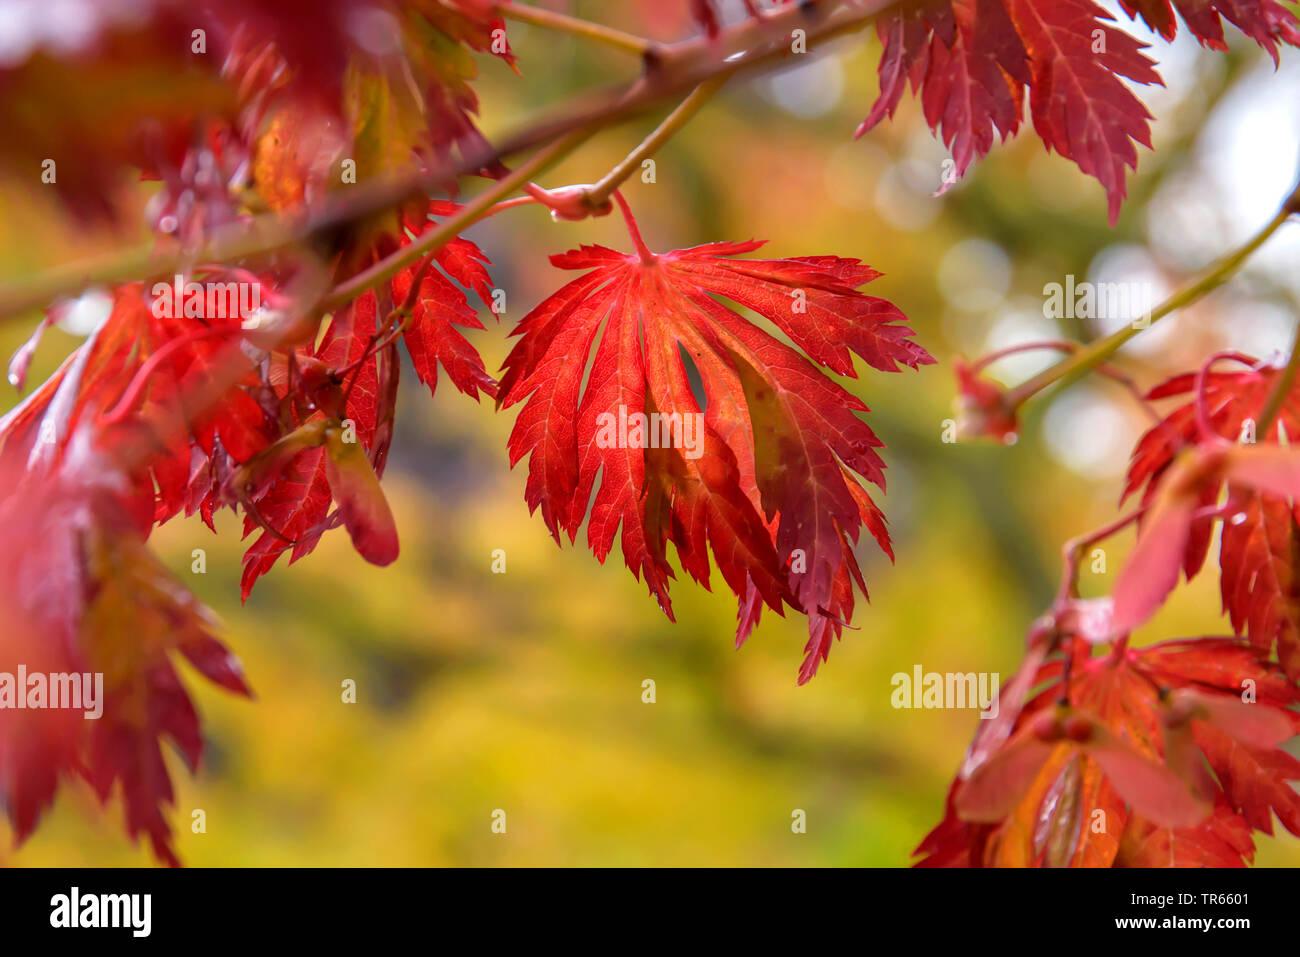 Japanese Maple Full Moon Maple Acer Japonicum Aconitifolium